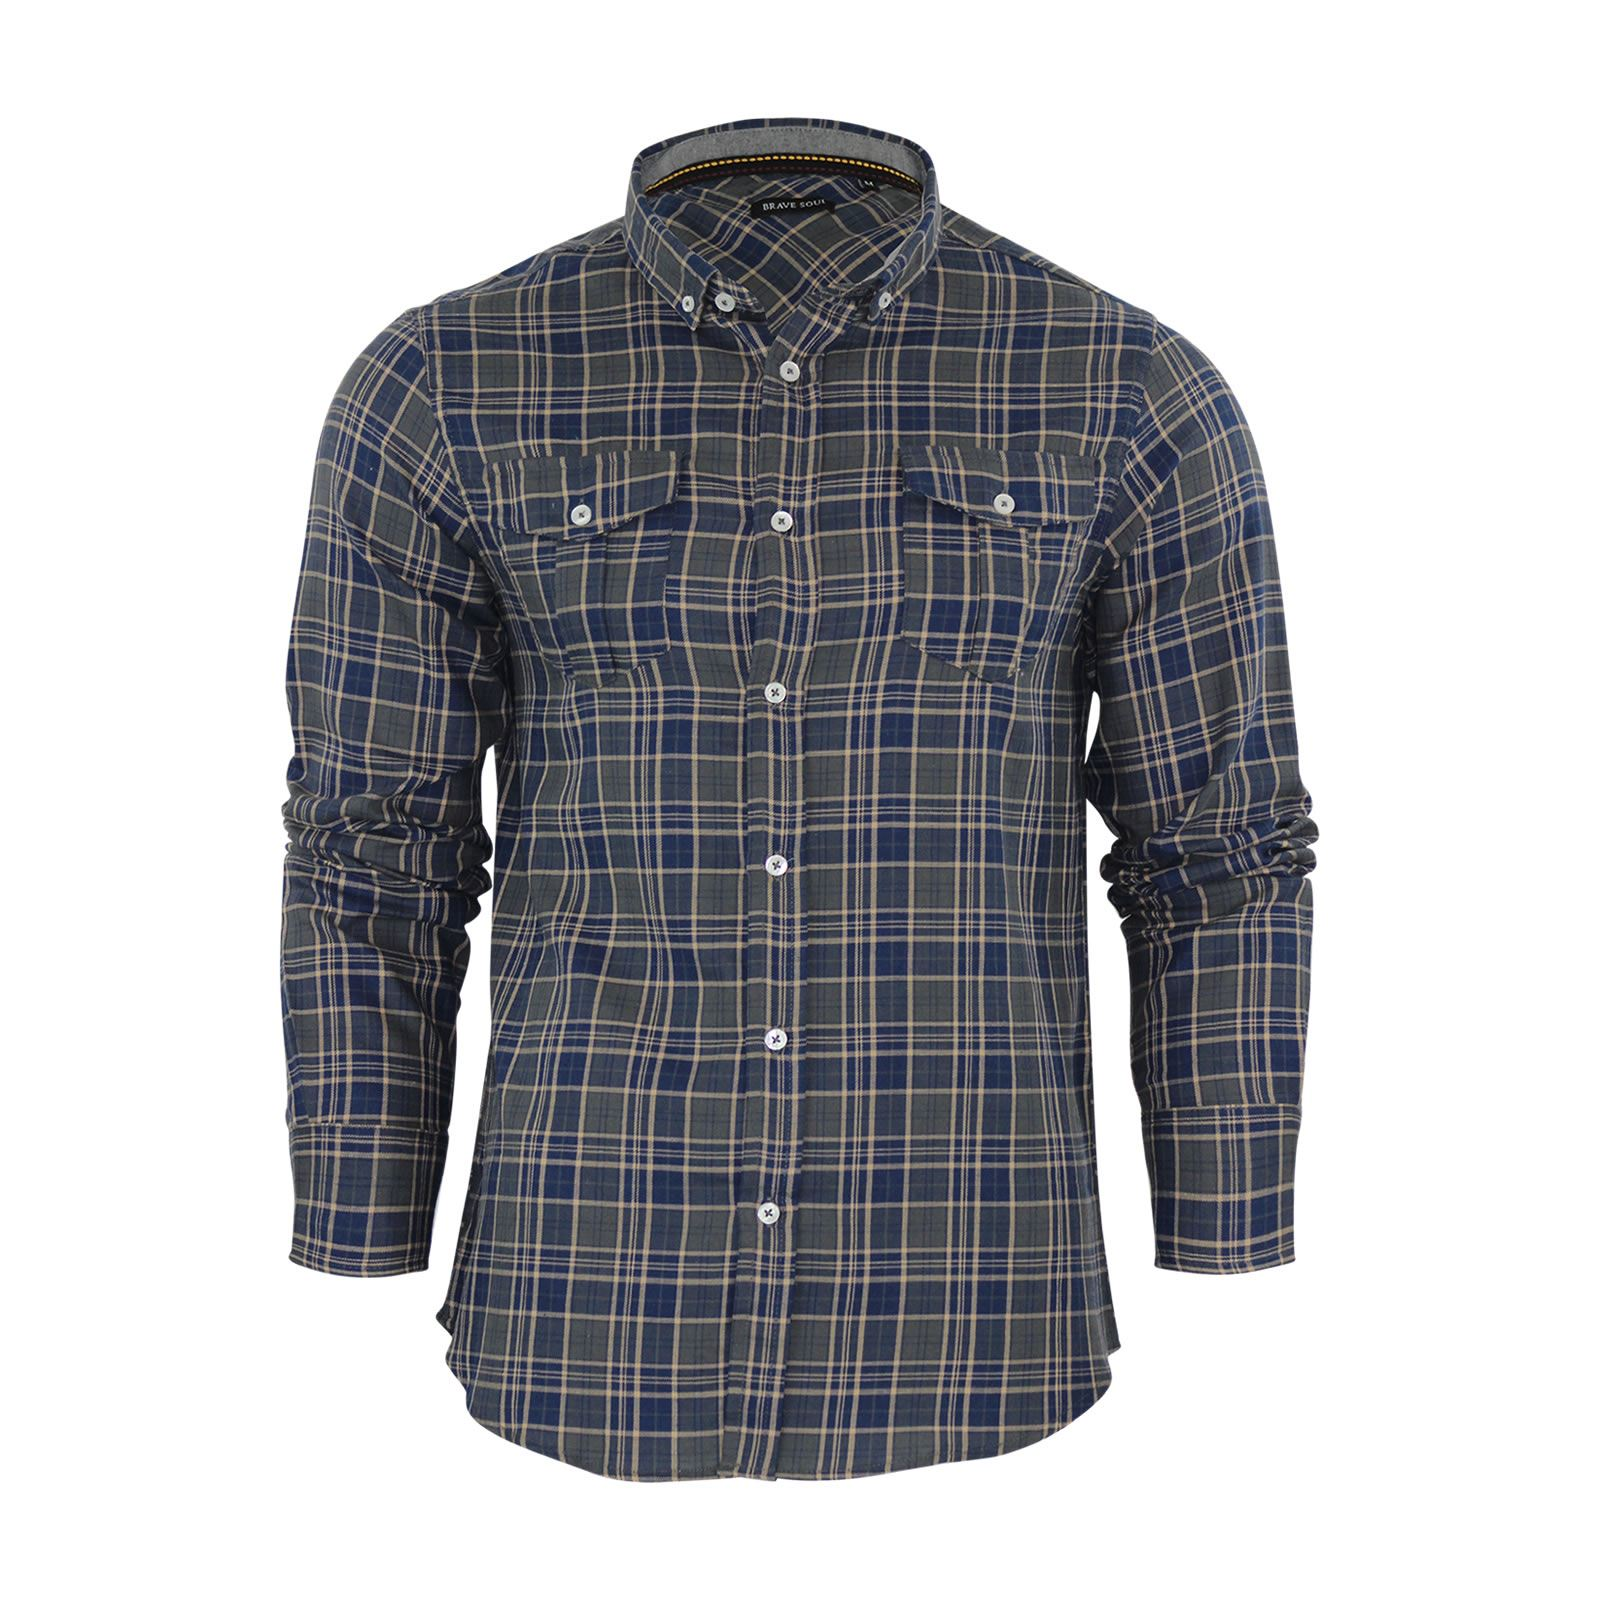 Alma-VALIENTE-HOMBRE-compruebe-Camisa-Algodon-Cepillado-De-Franela-Top-Manga-Larga-Casual miniatura 67